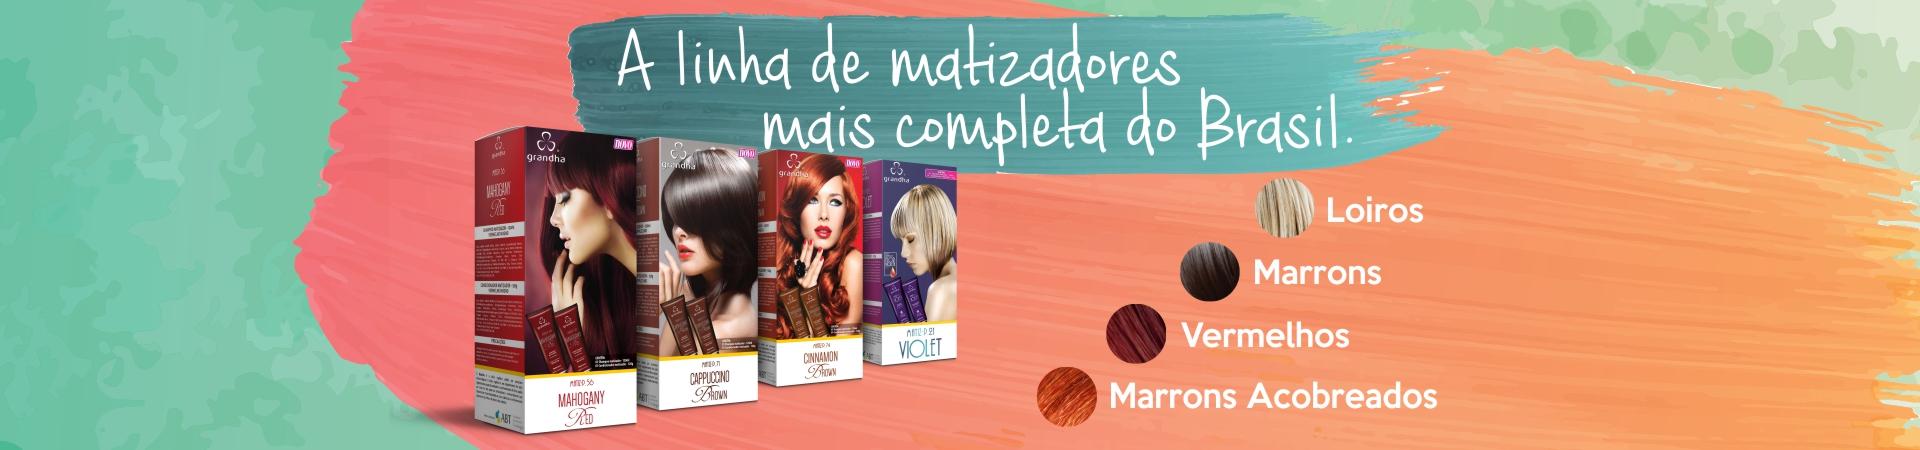 Matizadores Grandha, a linha de matizador mais completa do Brasil. Matiza cabelo loiro, vermelho, marrom e castanho (marrom acobreado). Os únicos com reflexo composto.